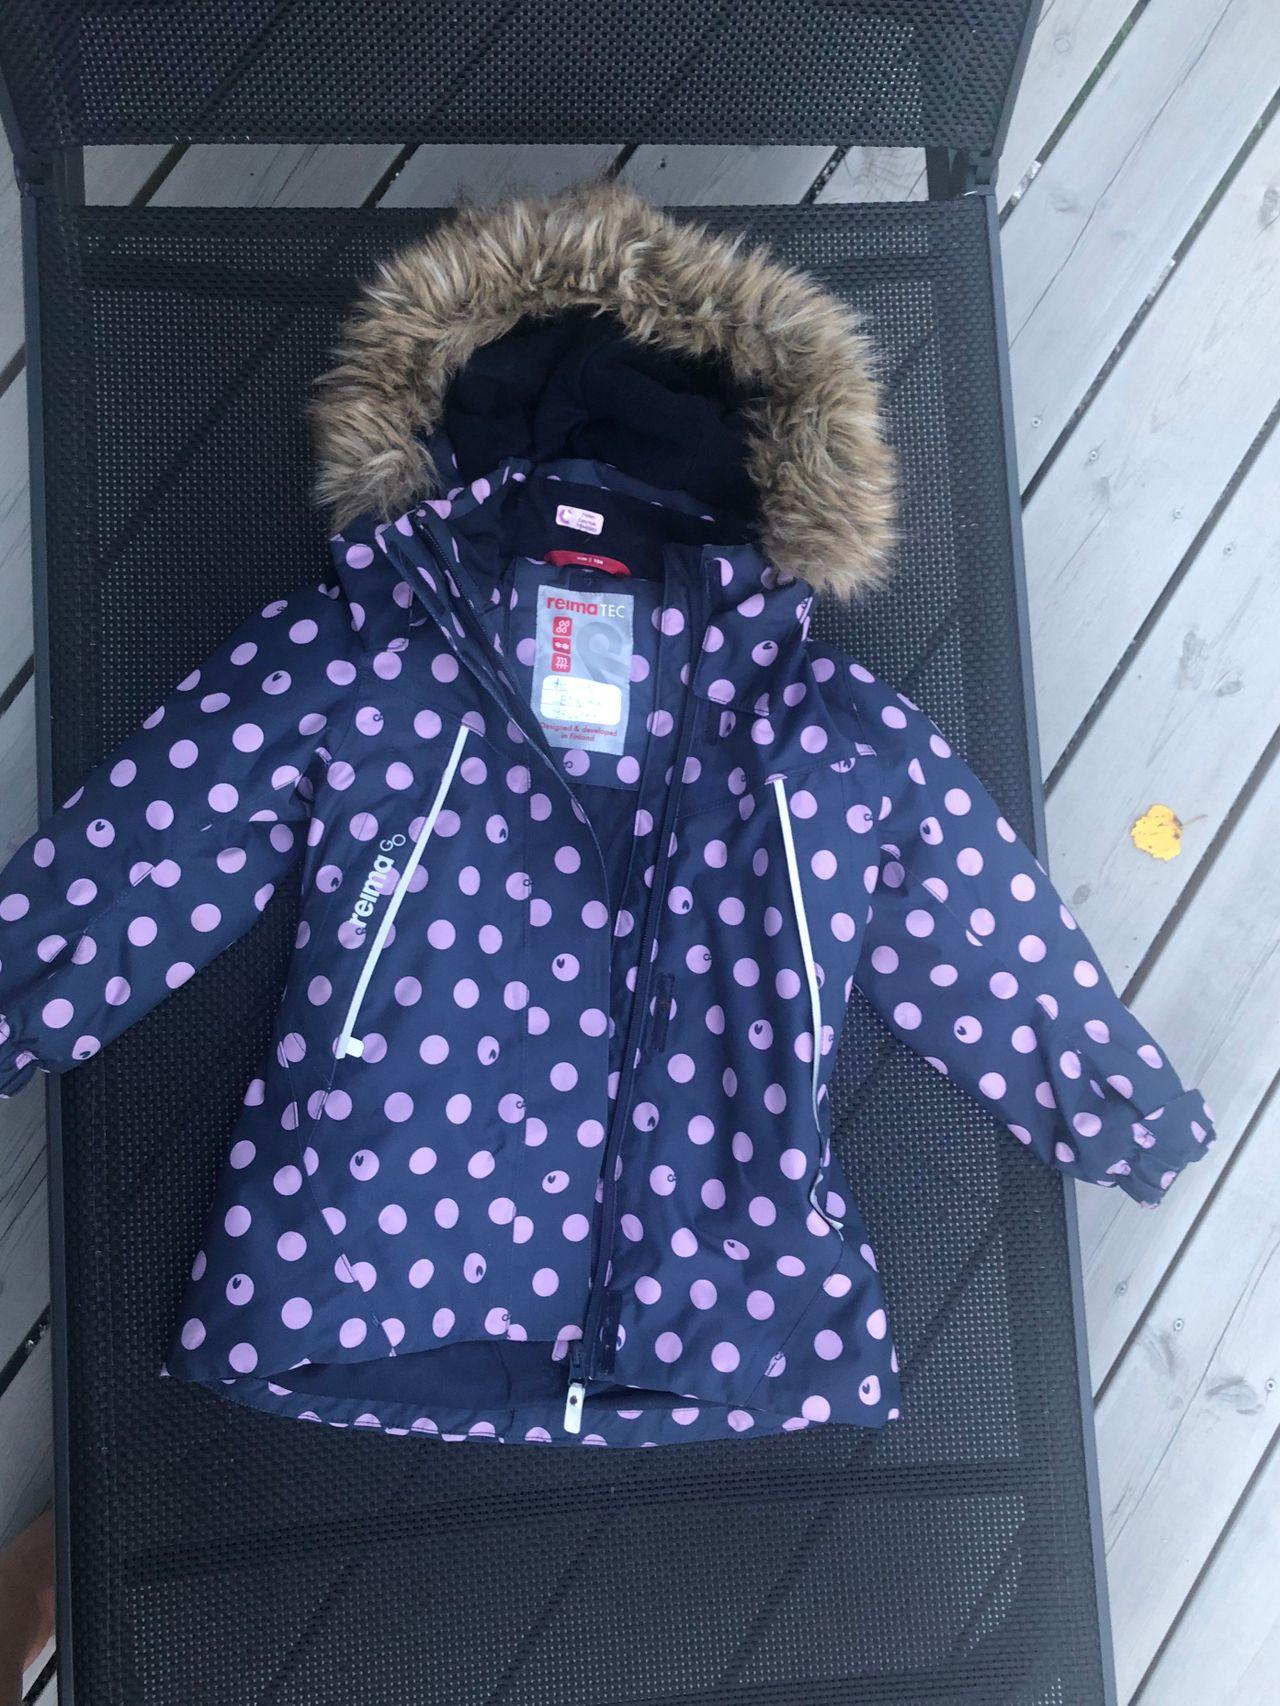 Reima vinterjakke og bukse Kjøpe, selge og utveksle annonser